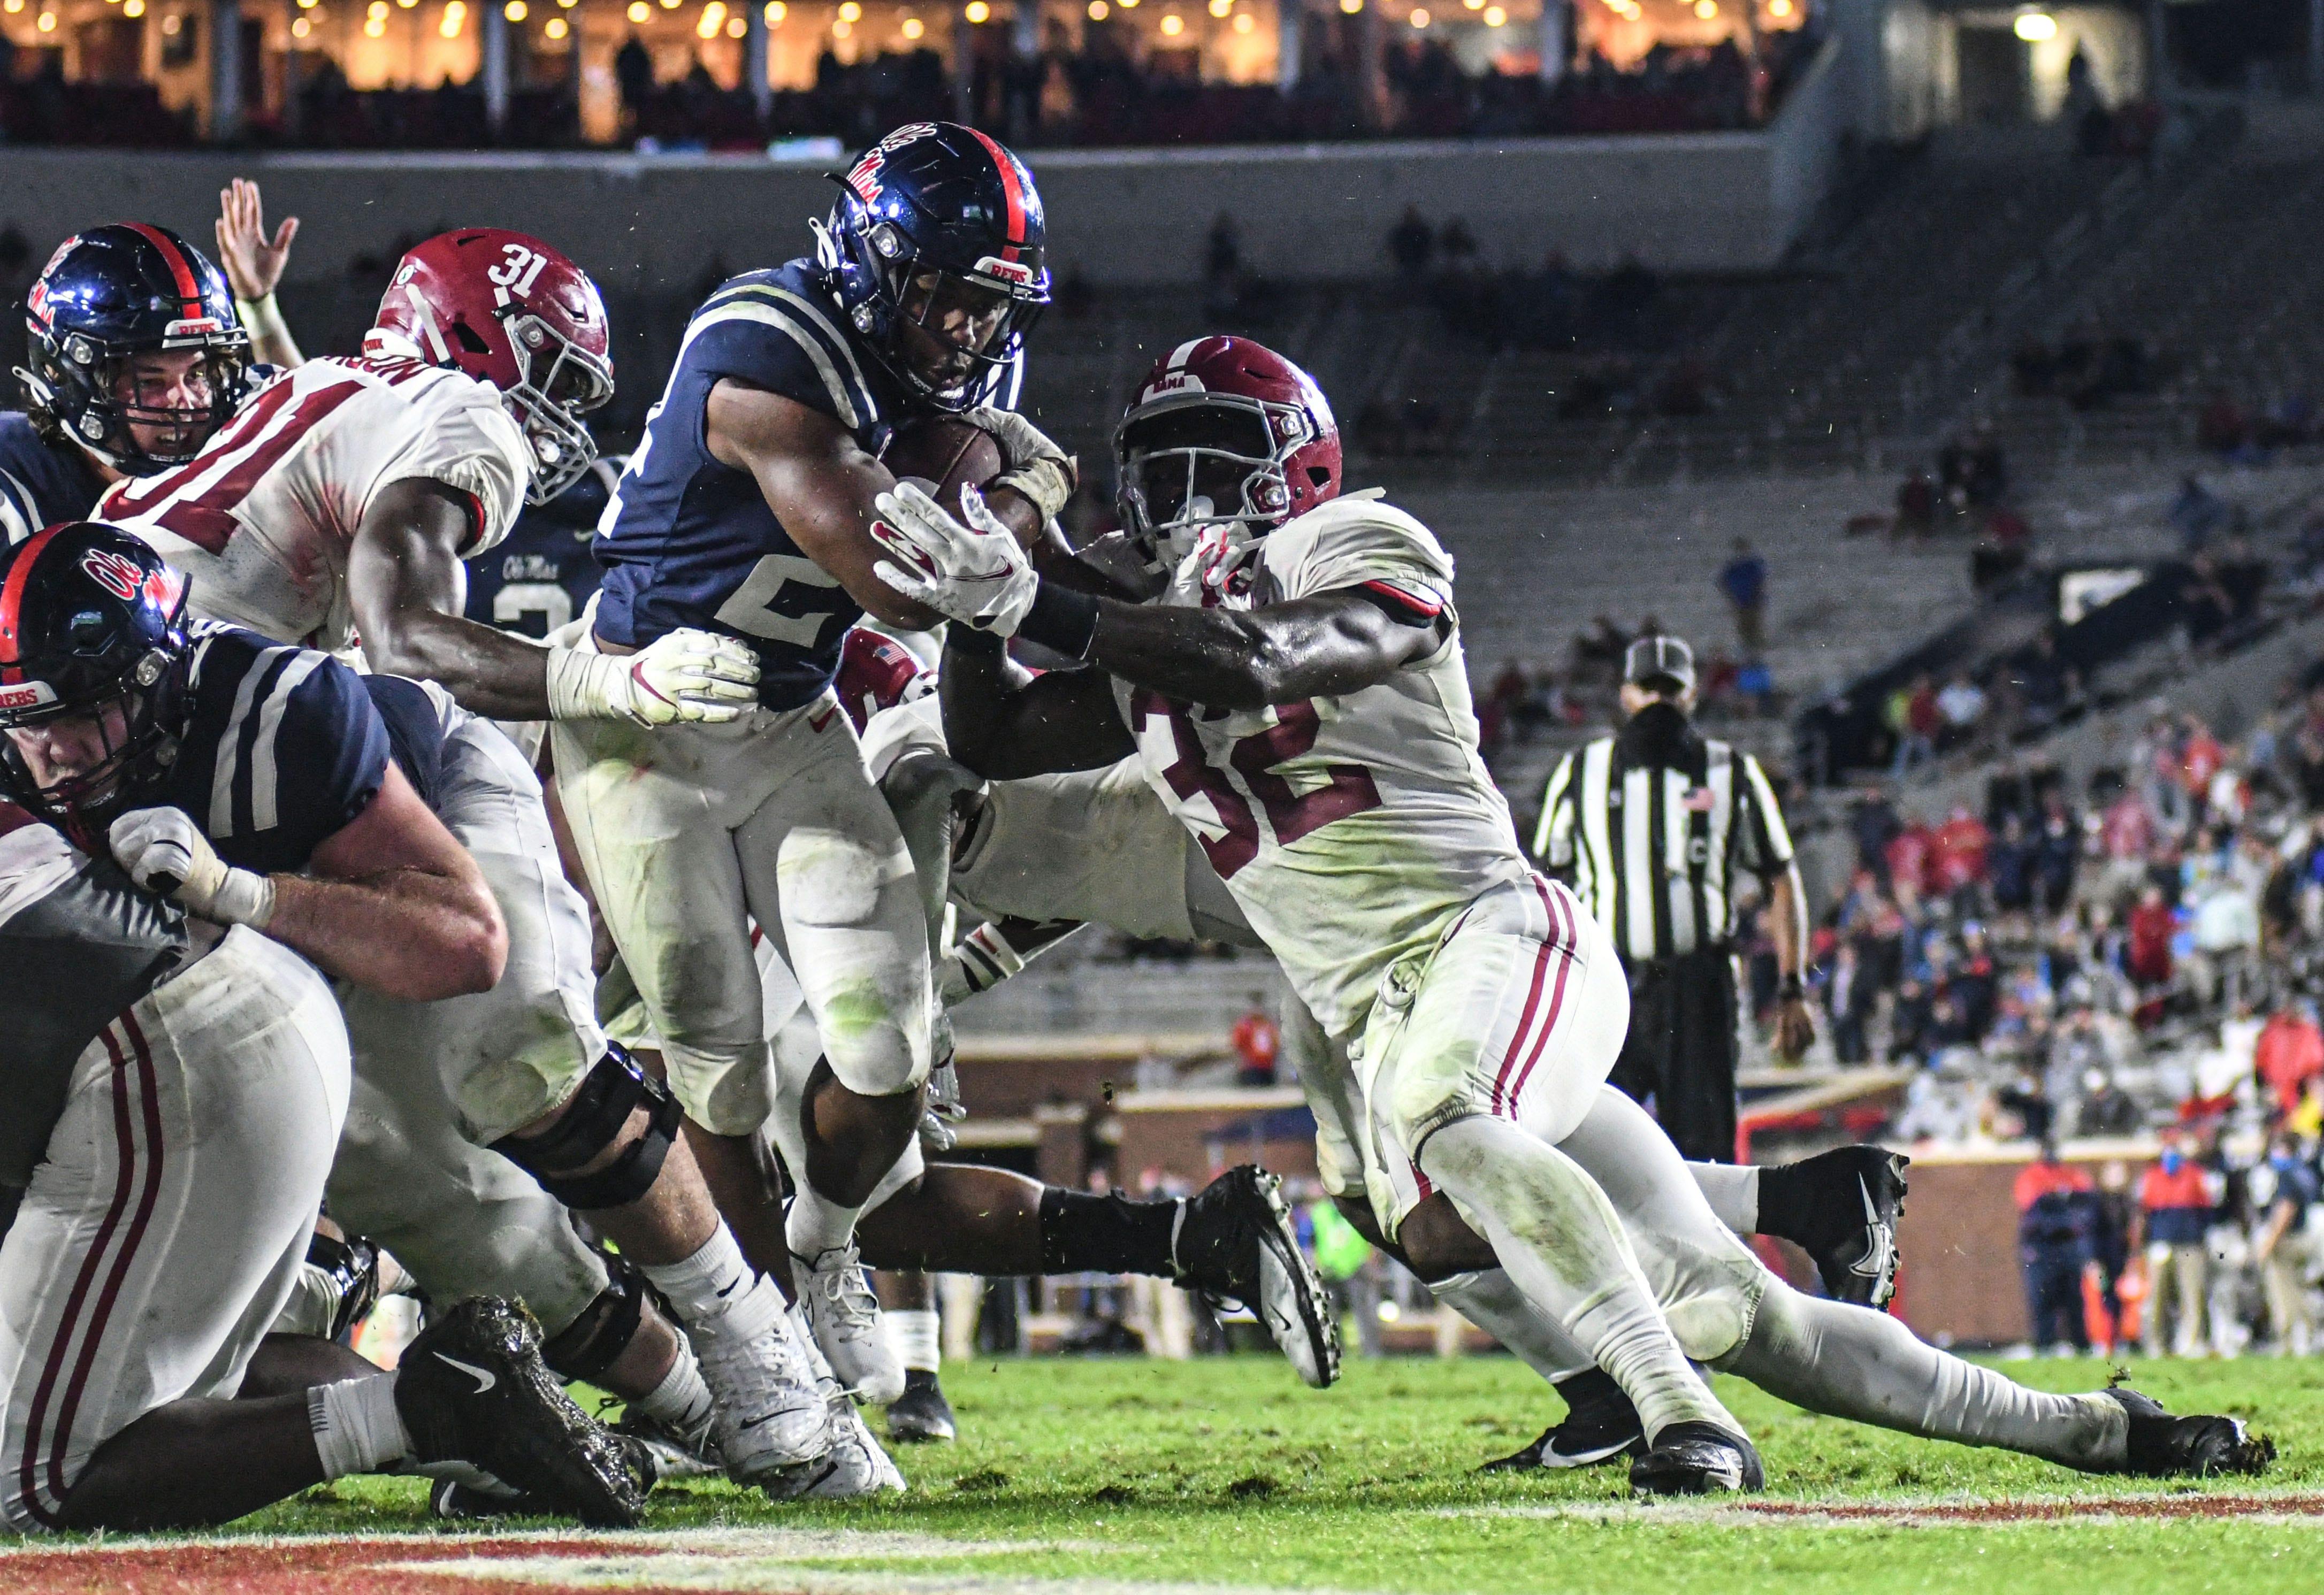 SEC defensive meltdowns headline 10 takeaways from Week 6 in college football